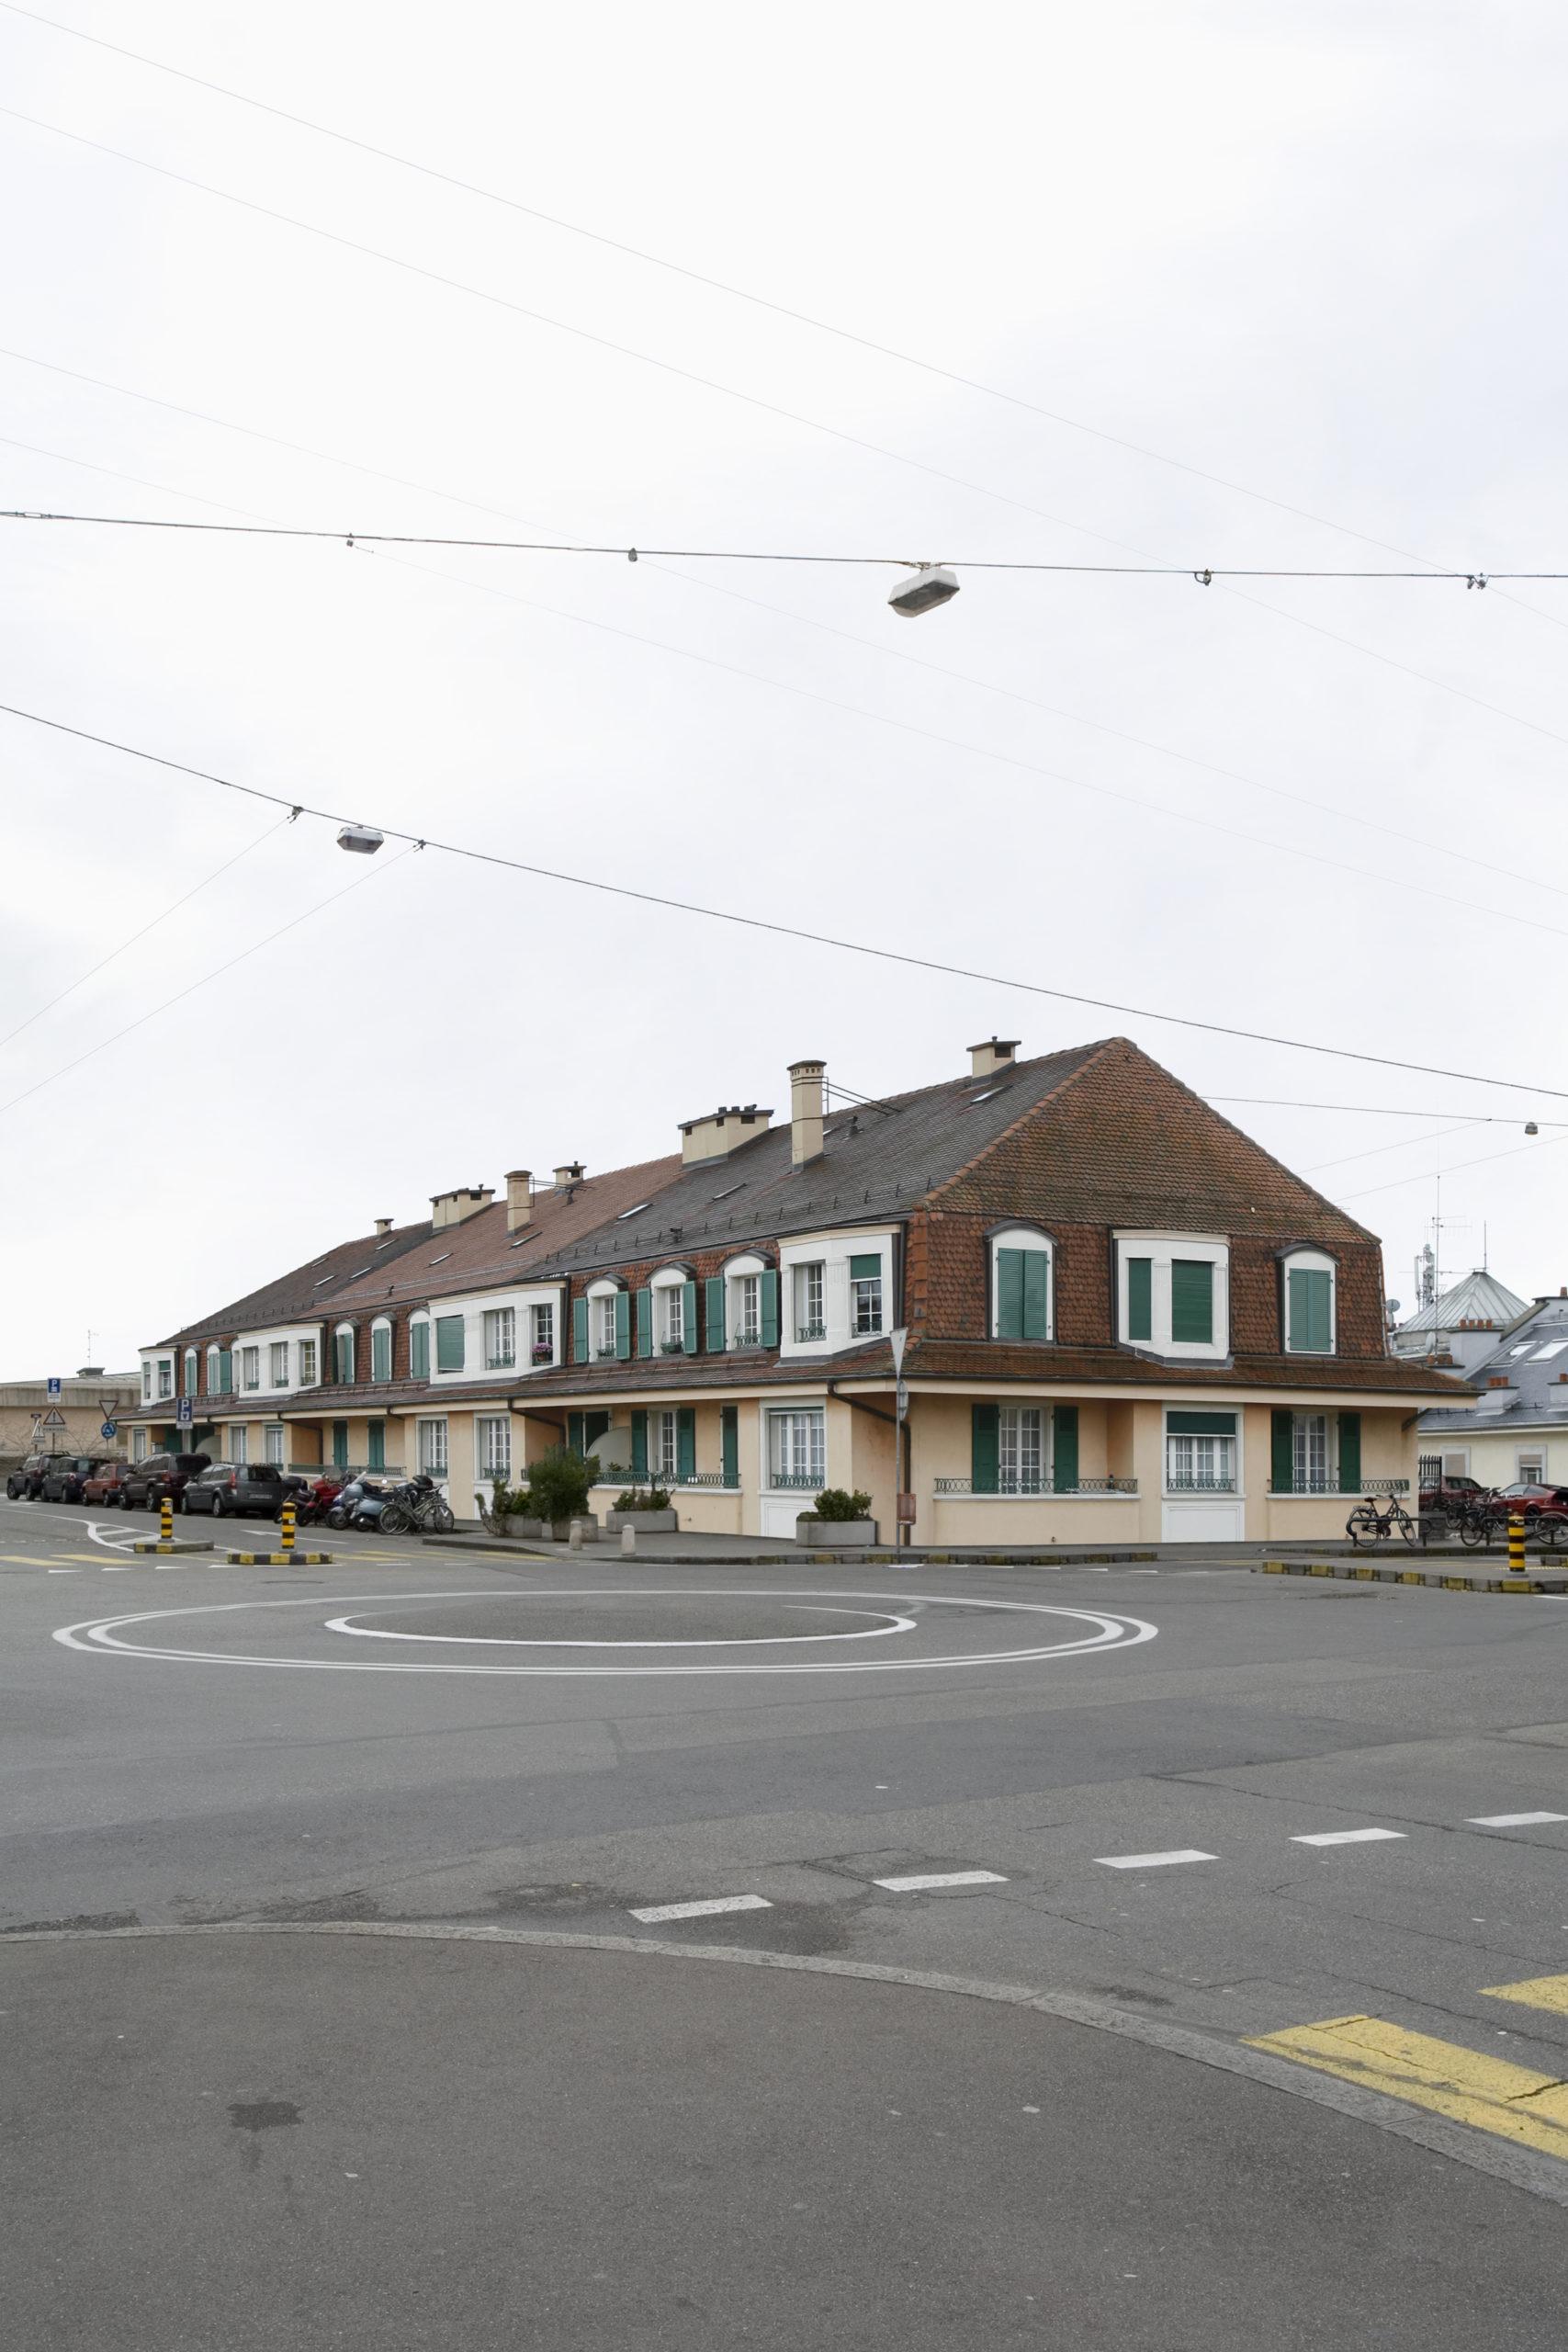 DOWNtown 2, rue des Bains, Genève